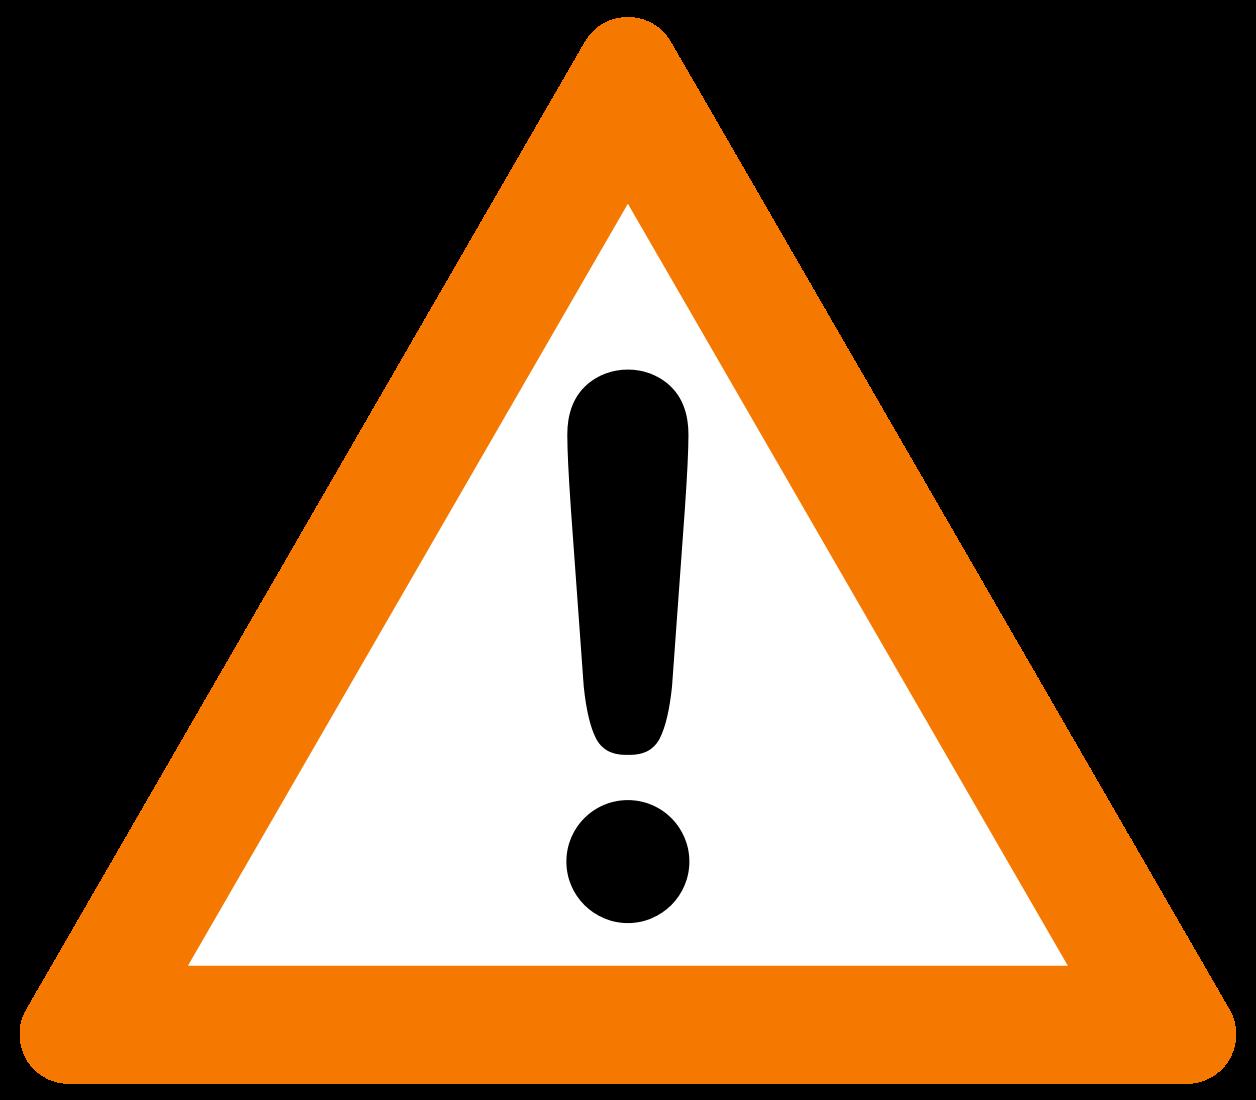 Треугольник с восклицательным знаком